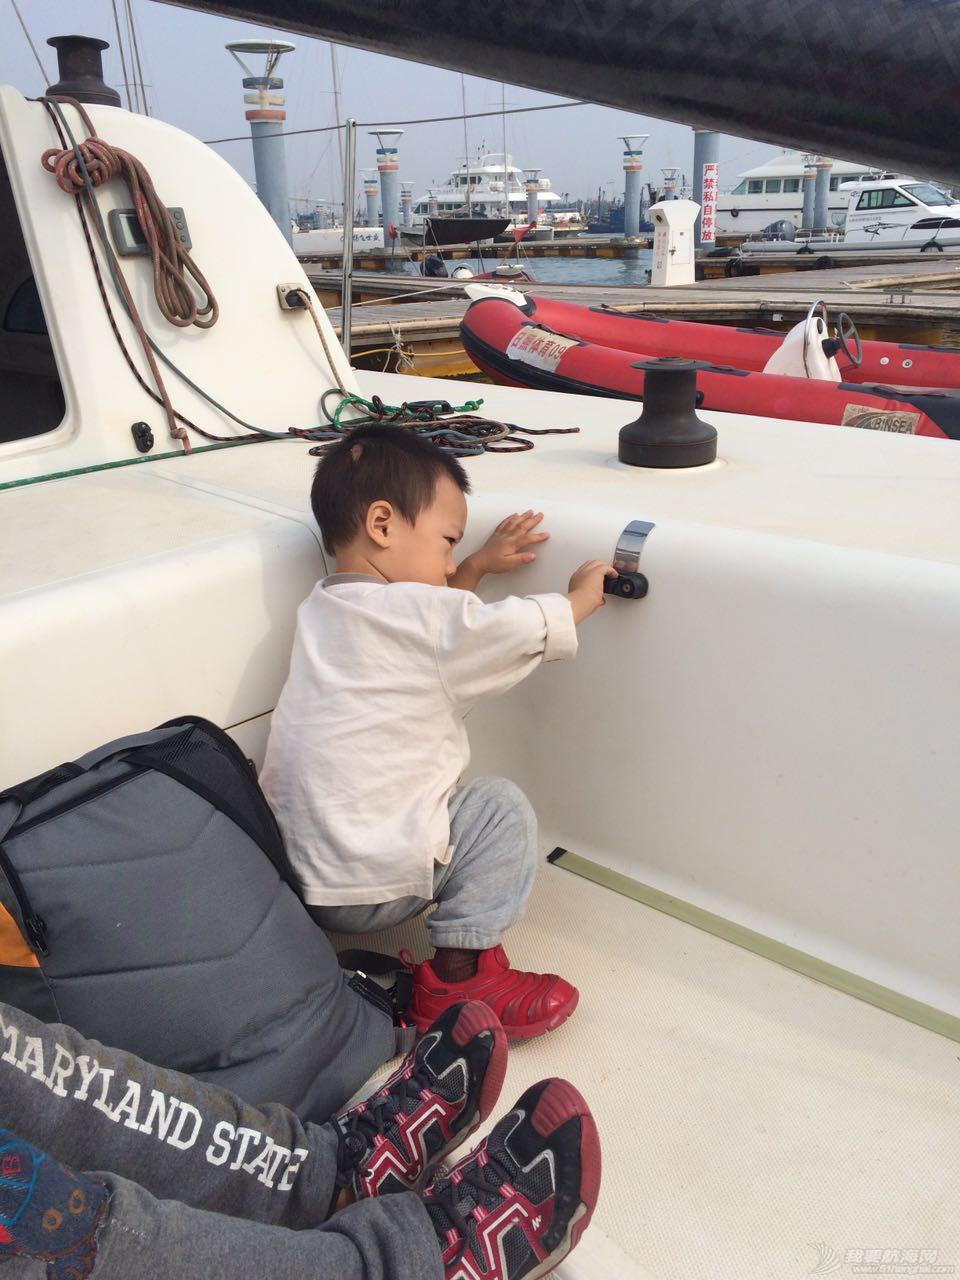 日记 我的免费航海训练日记 6316856154b080333d.png